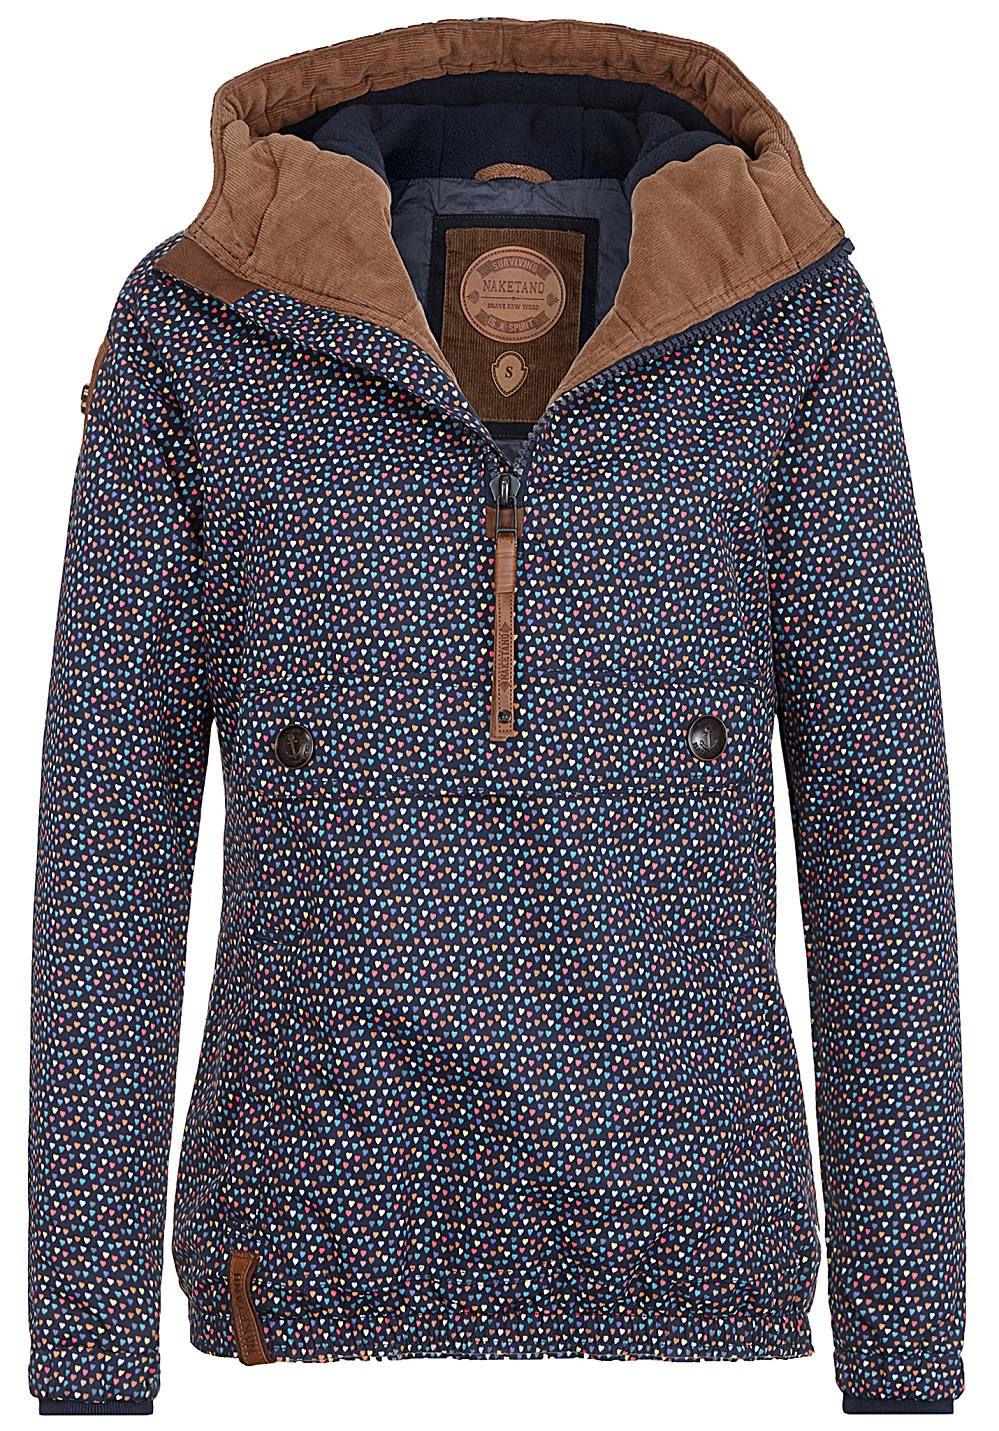 ea997d8e698a Naketano Freedom Got A Shotgun - Jacke für Damen - Blau Jetzt bestellen  unter  https